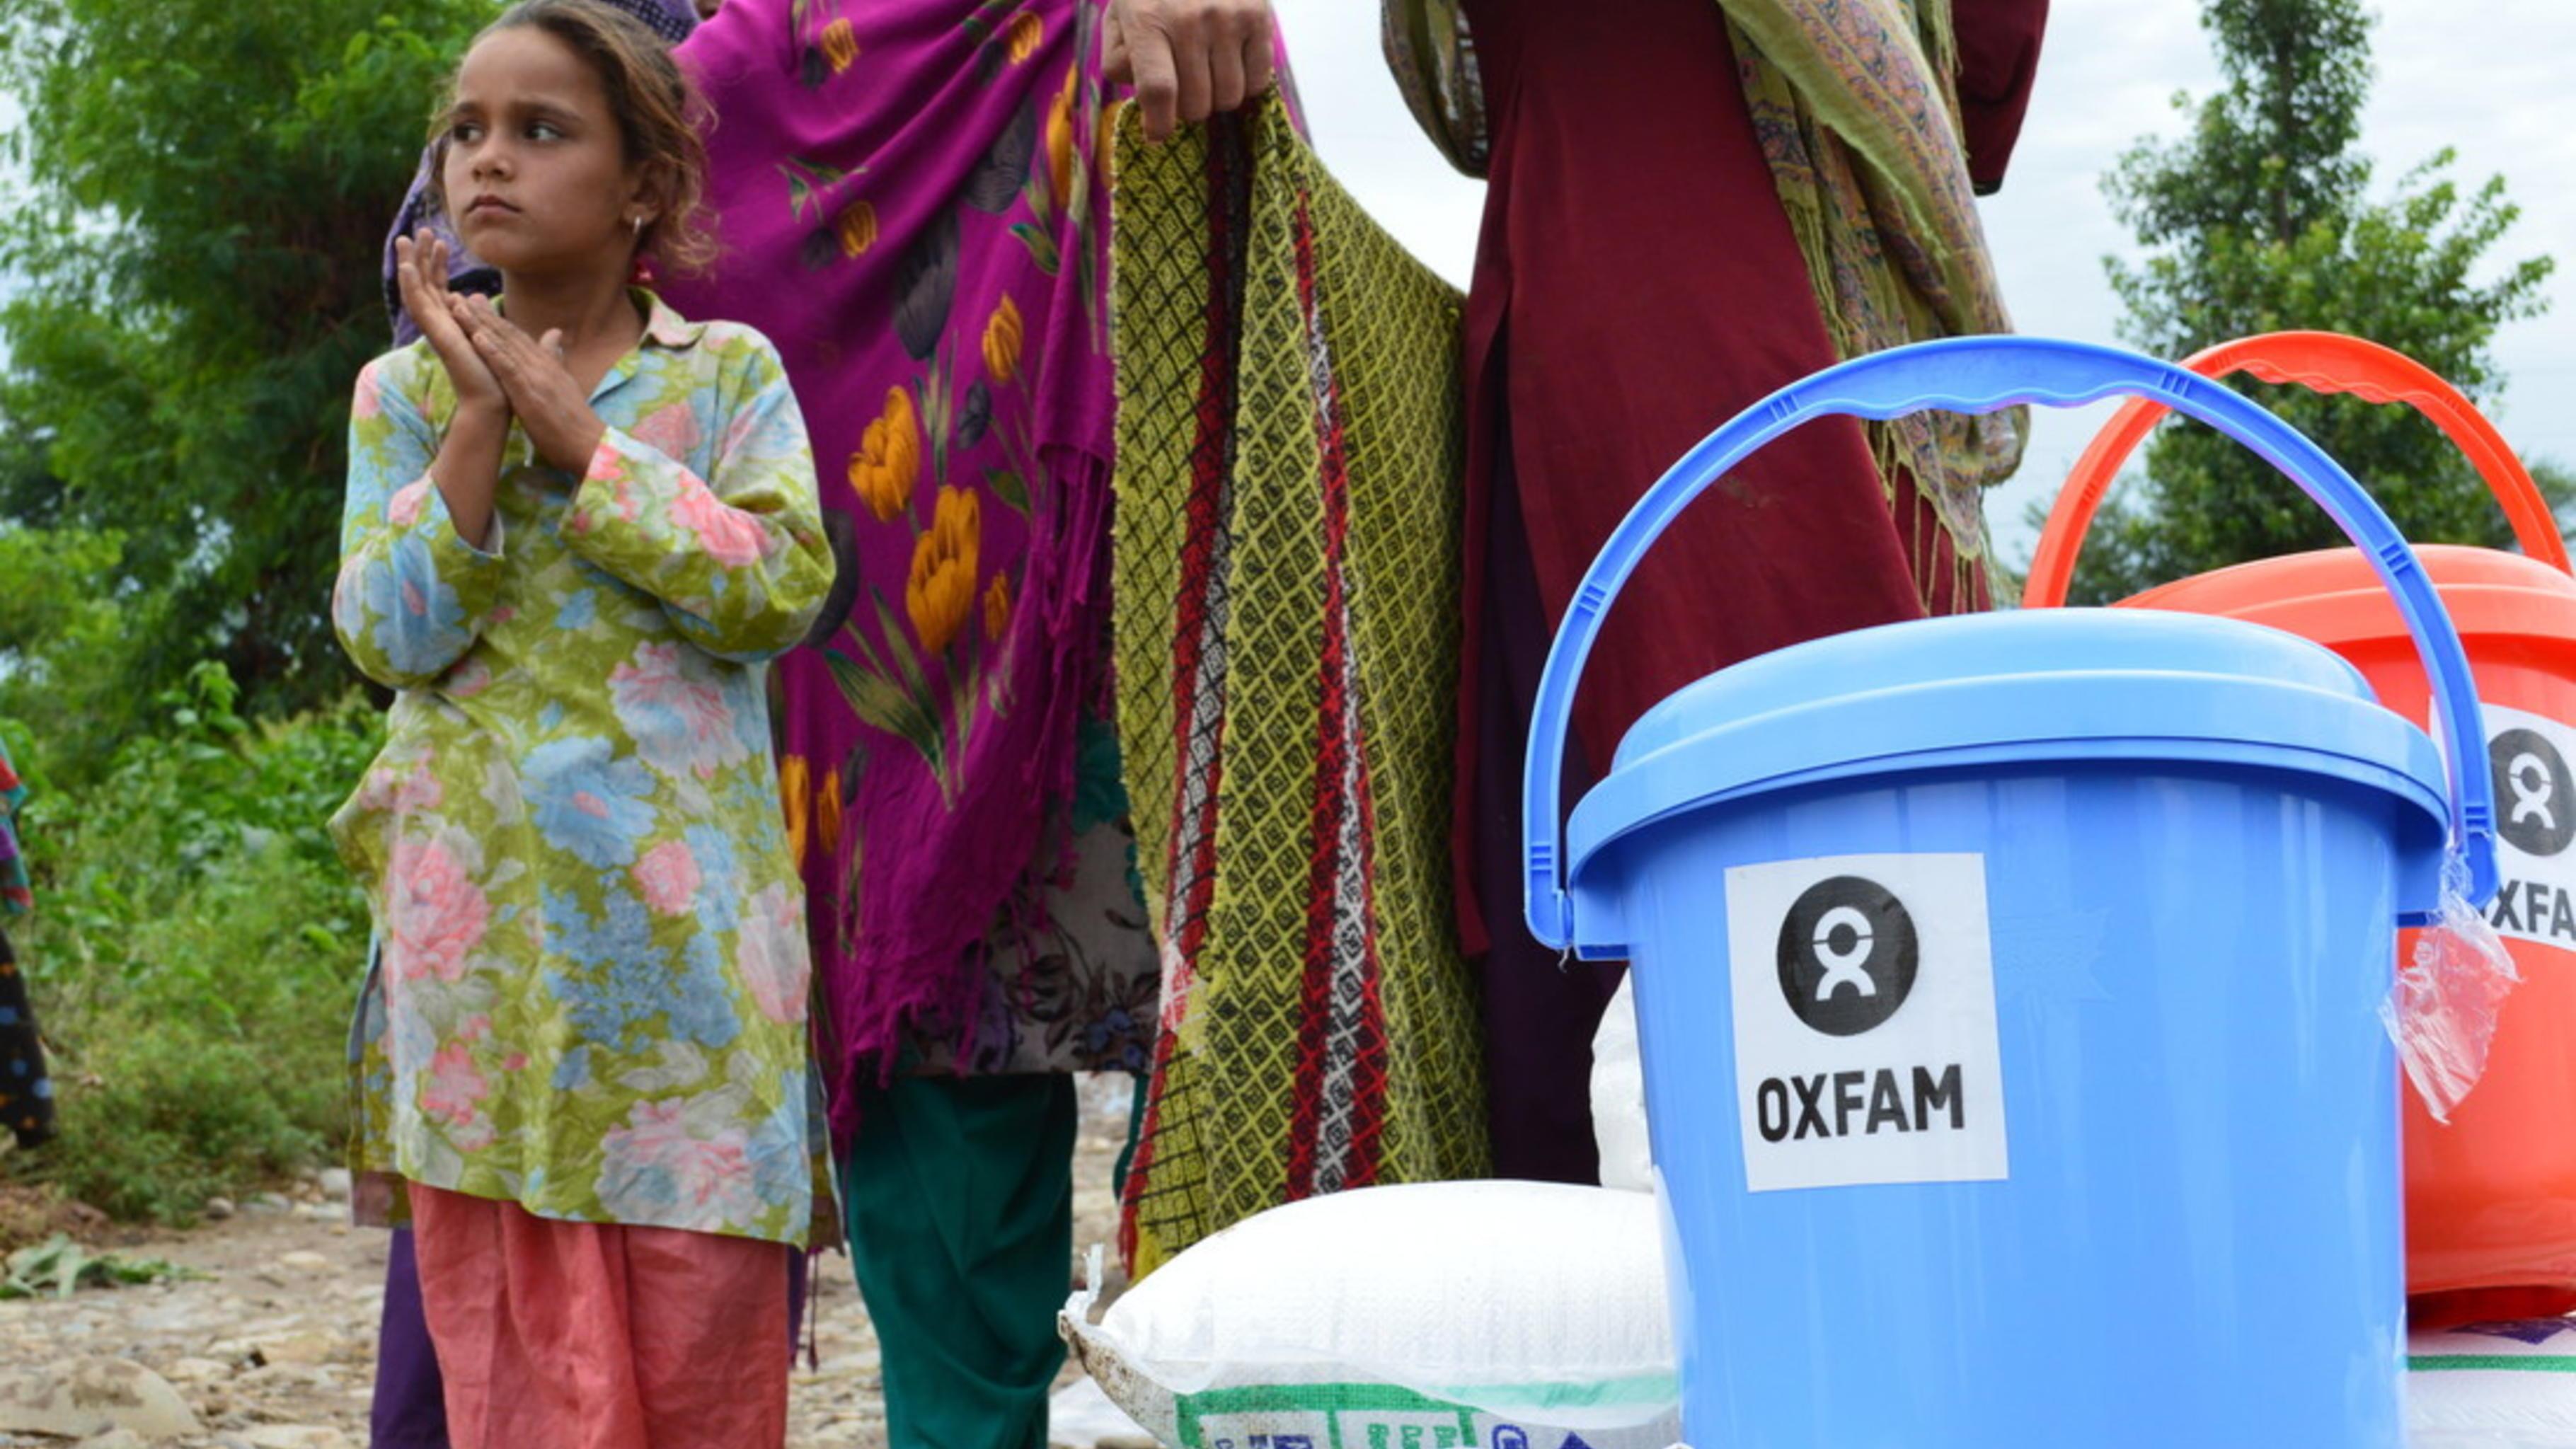 Berschwemmungen in kaschmir oxfams nothilfeeinsatz for Oxfam spenden